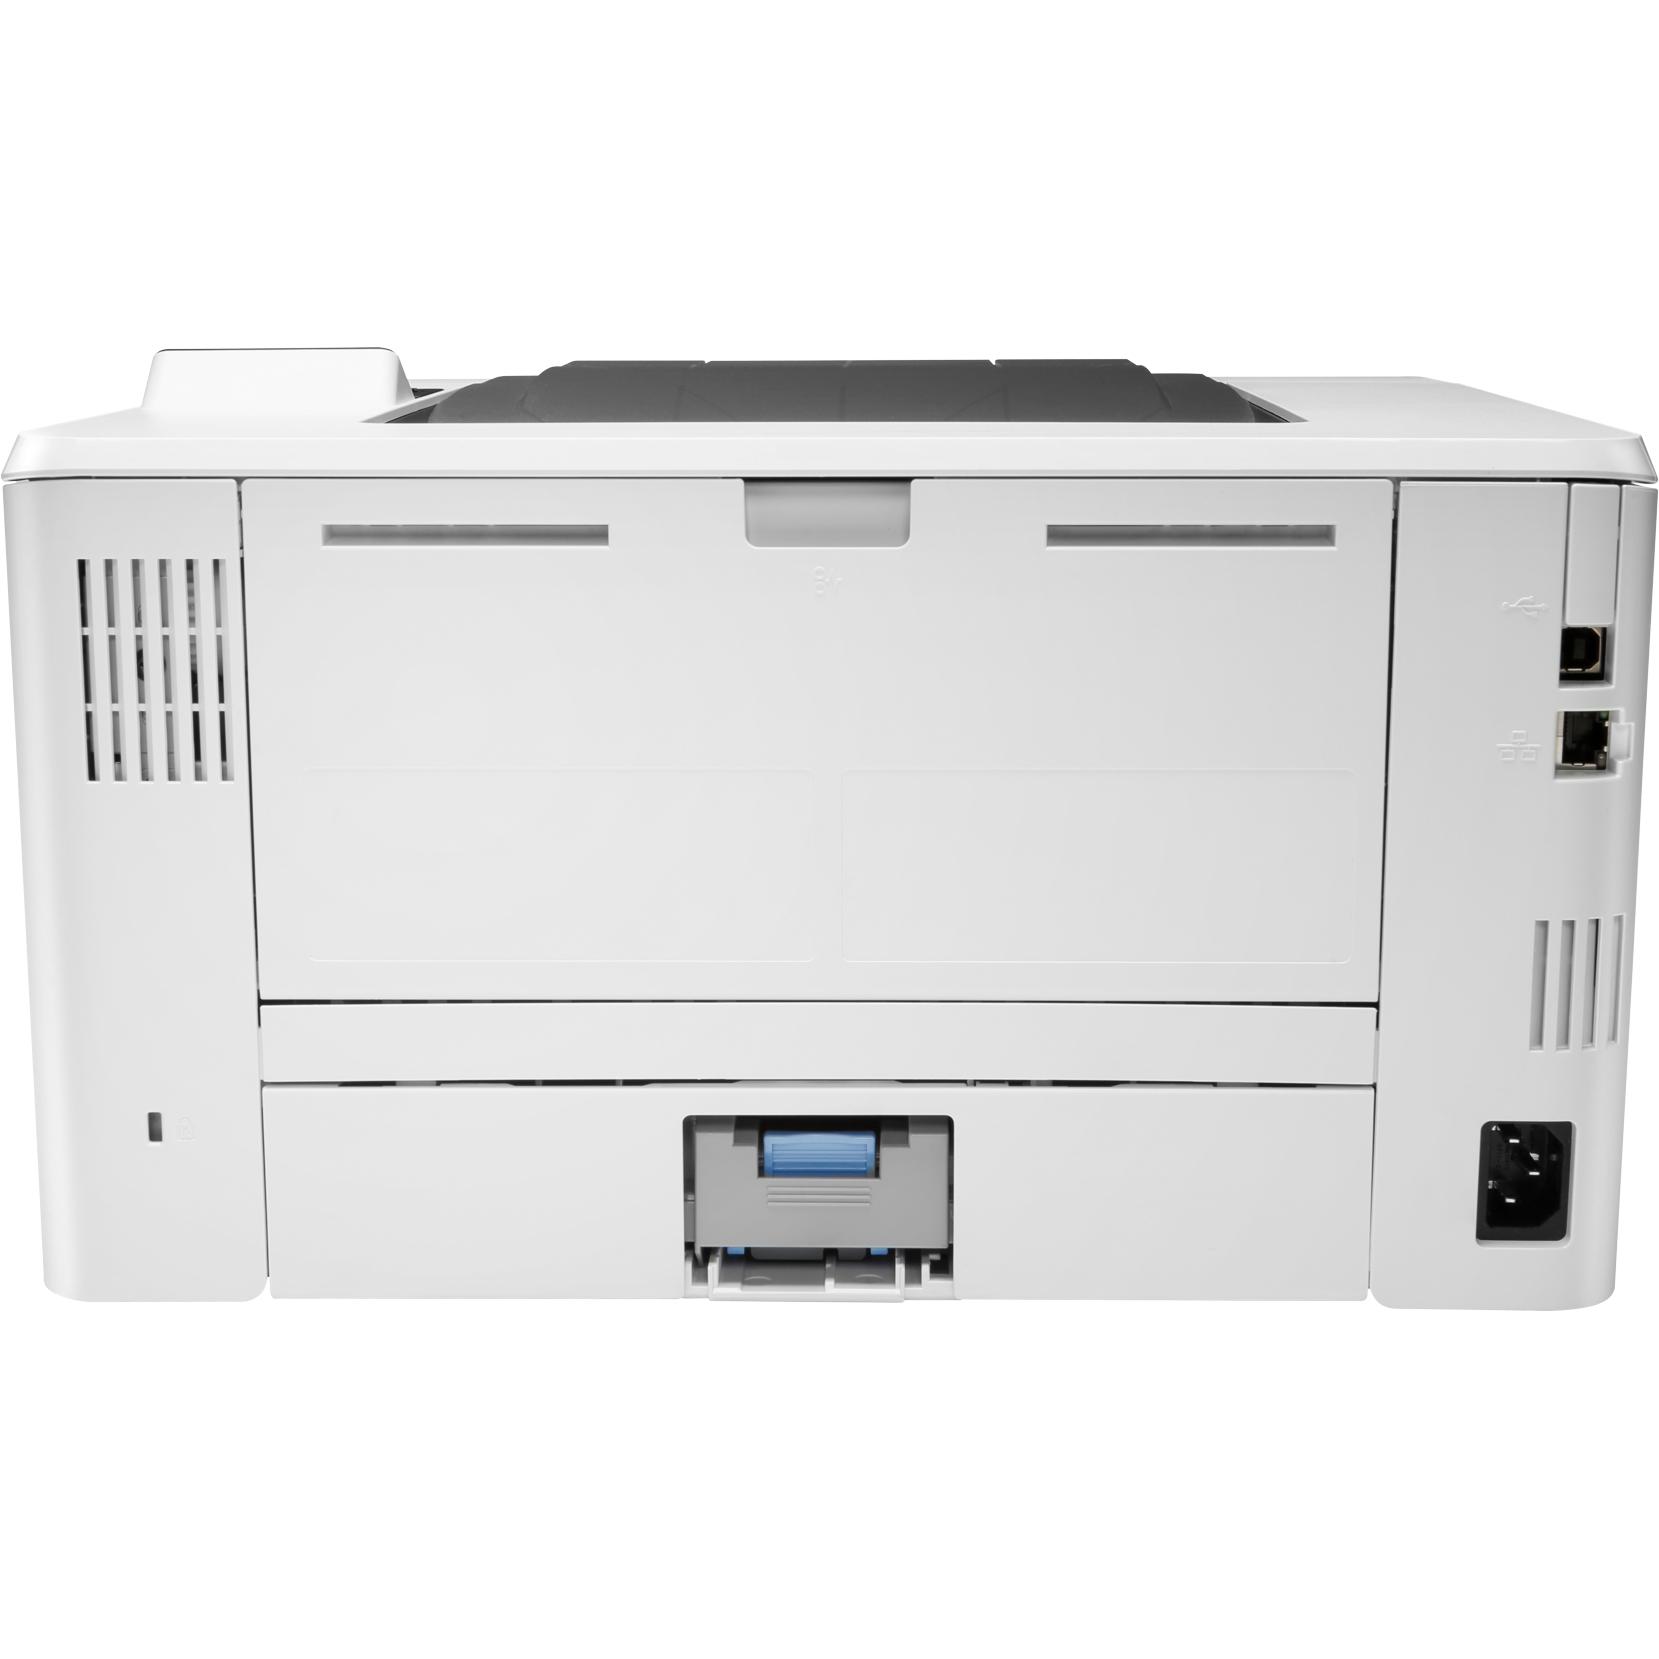 پرینتر لیزری اچ پی مدل LaserJet Pro M404dw